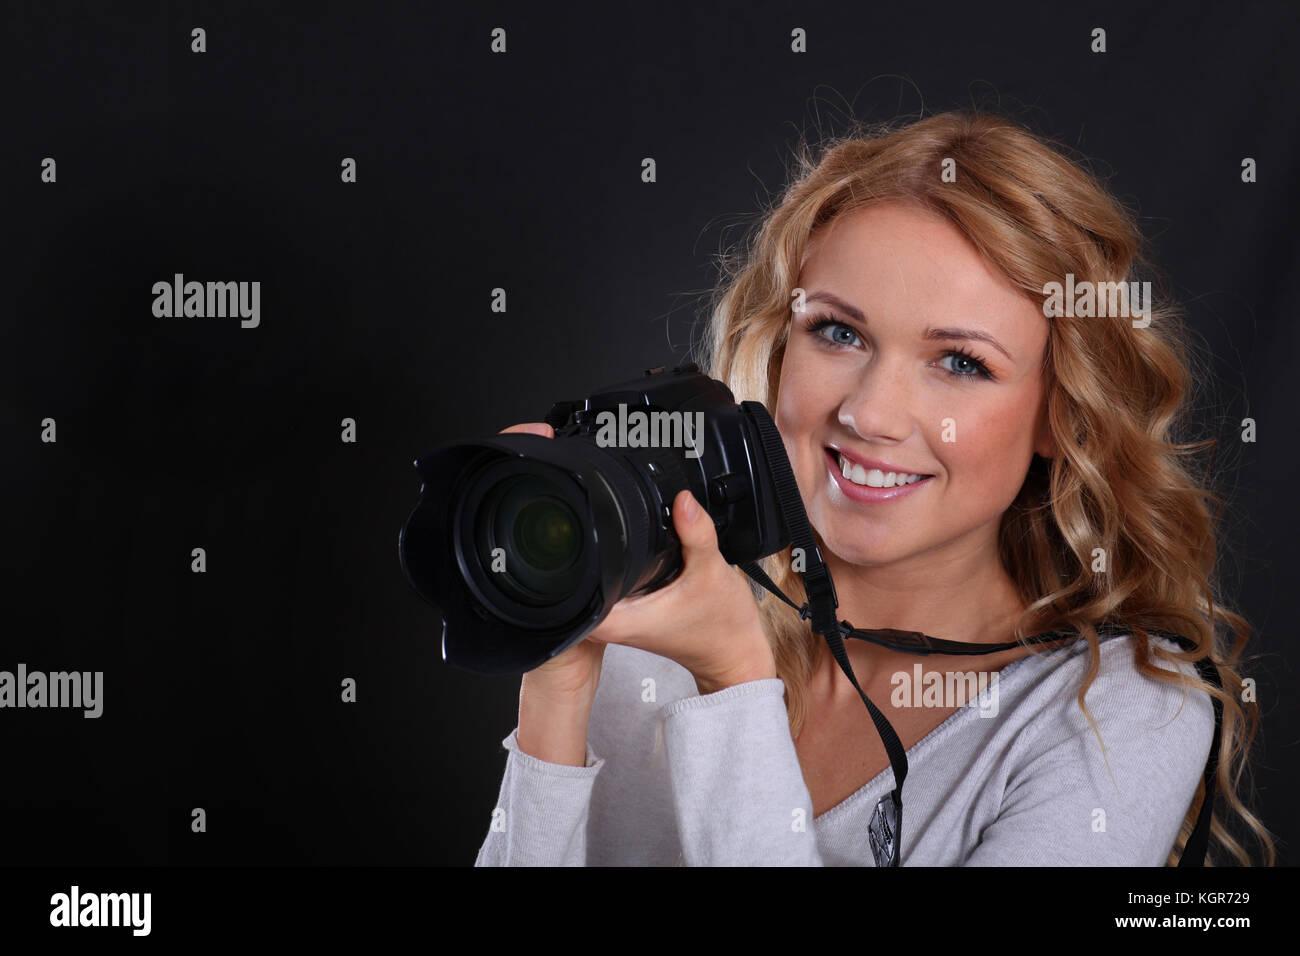 все зарплата профессионального фотографа стоит помнить том